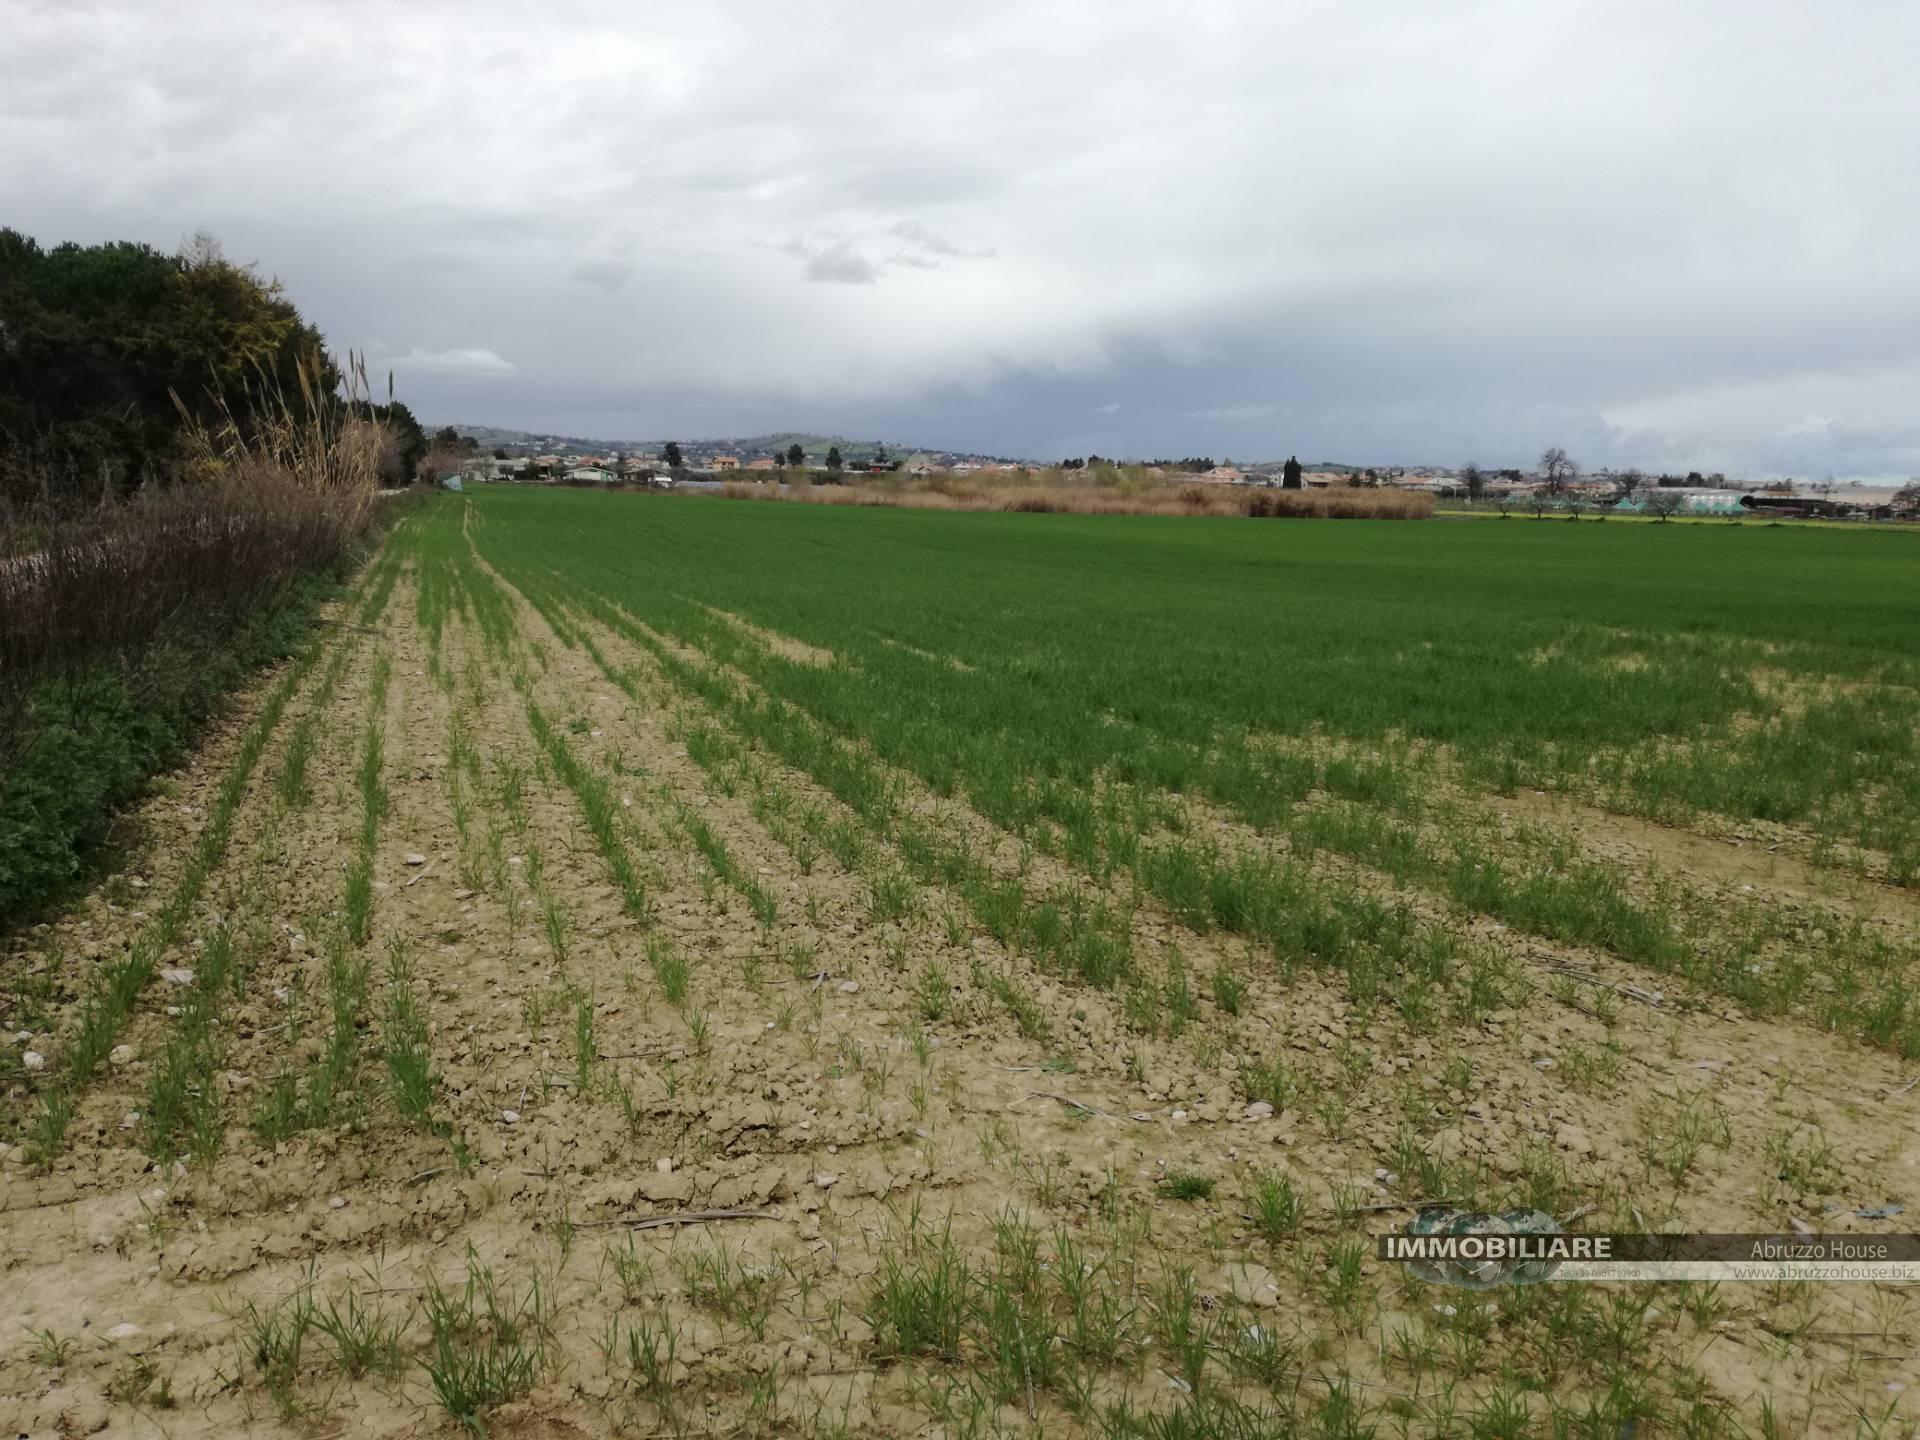 Terreno Agricolo in vendita a Giulianova, 9999 locali, zona Zona: Colleranesco, Trattative riservate | CambioCasa.it